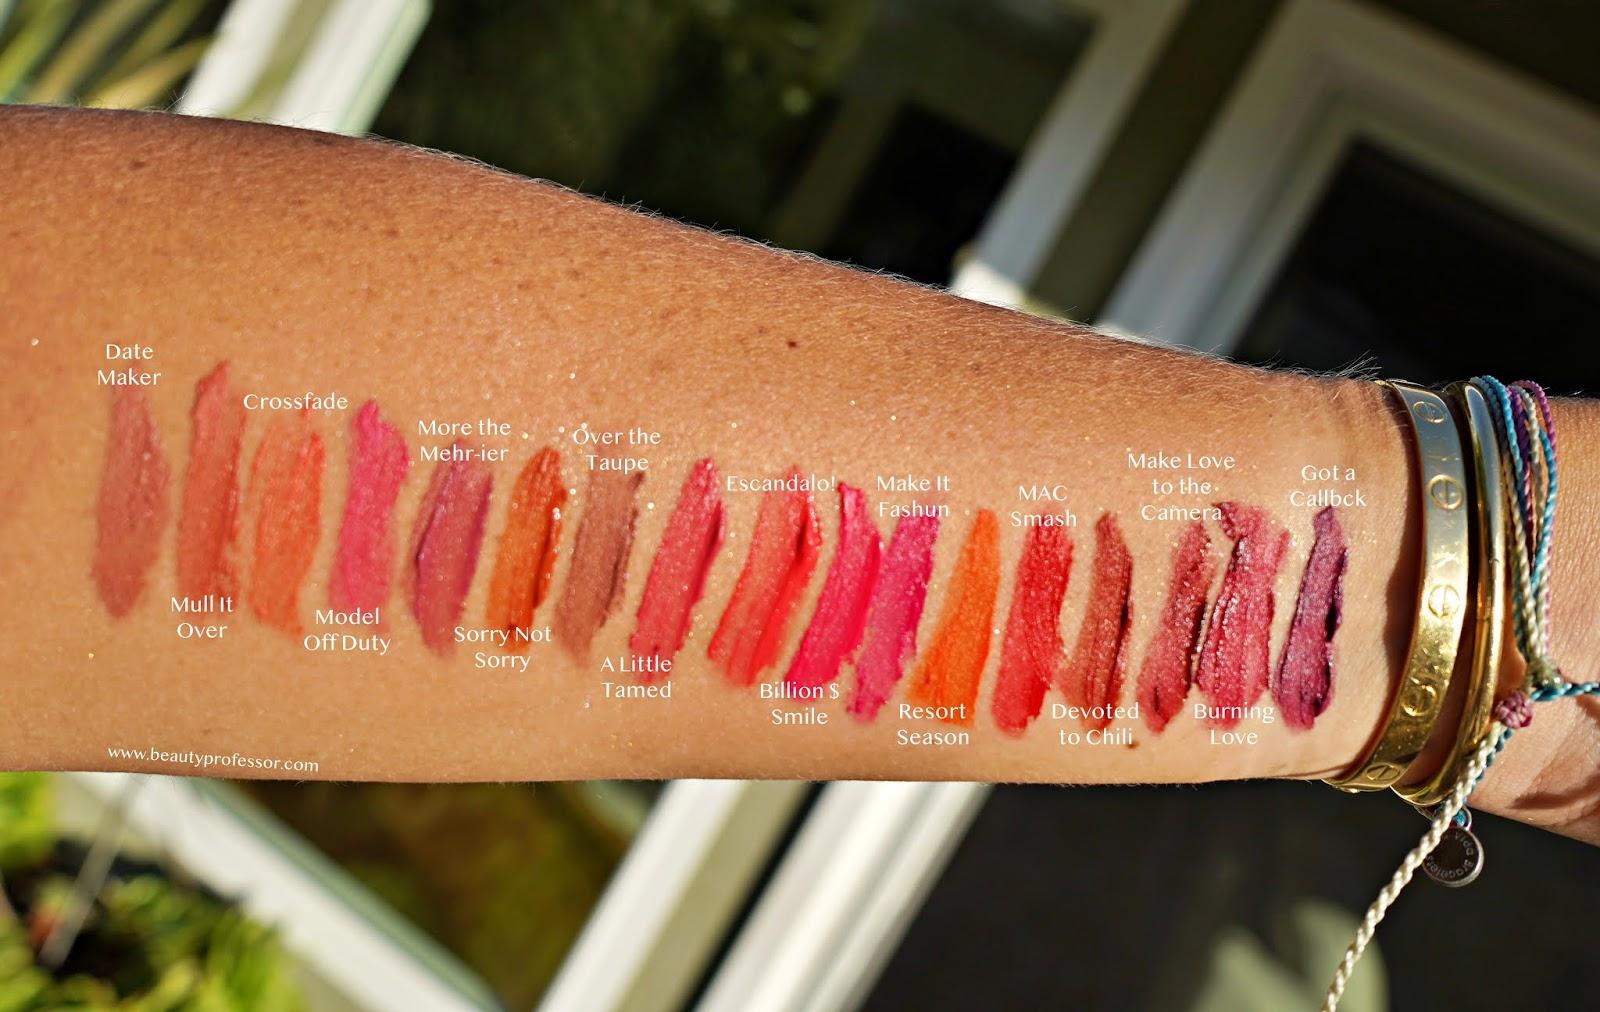 MAC Powder Kiss Liquid Lip Color swatches